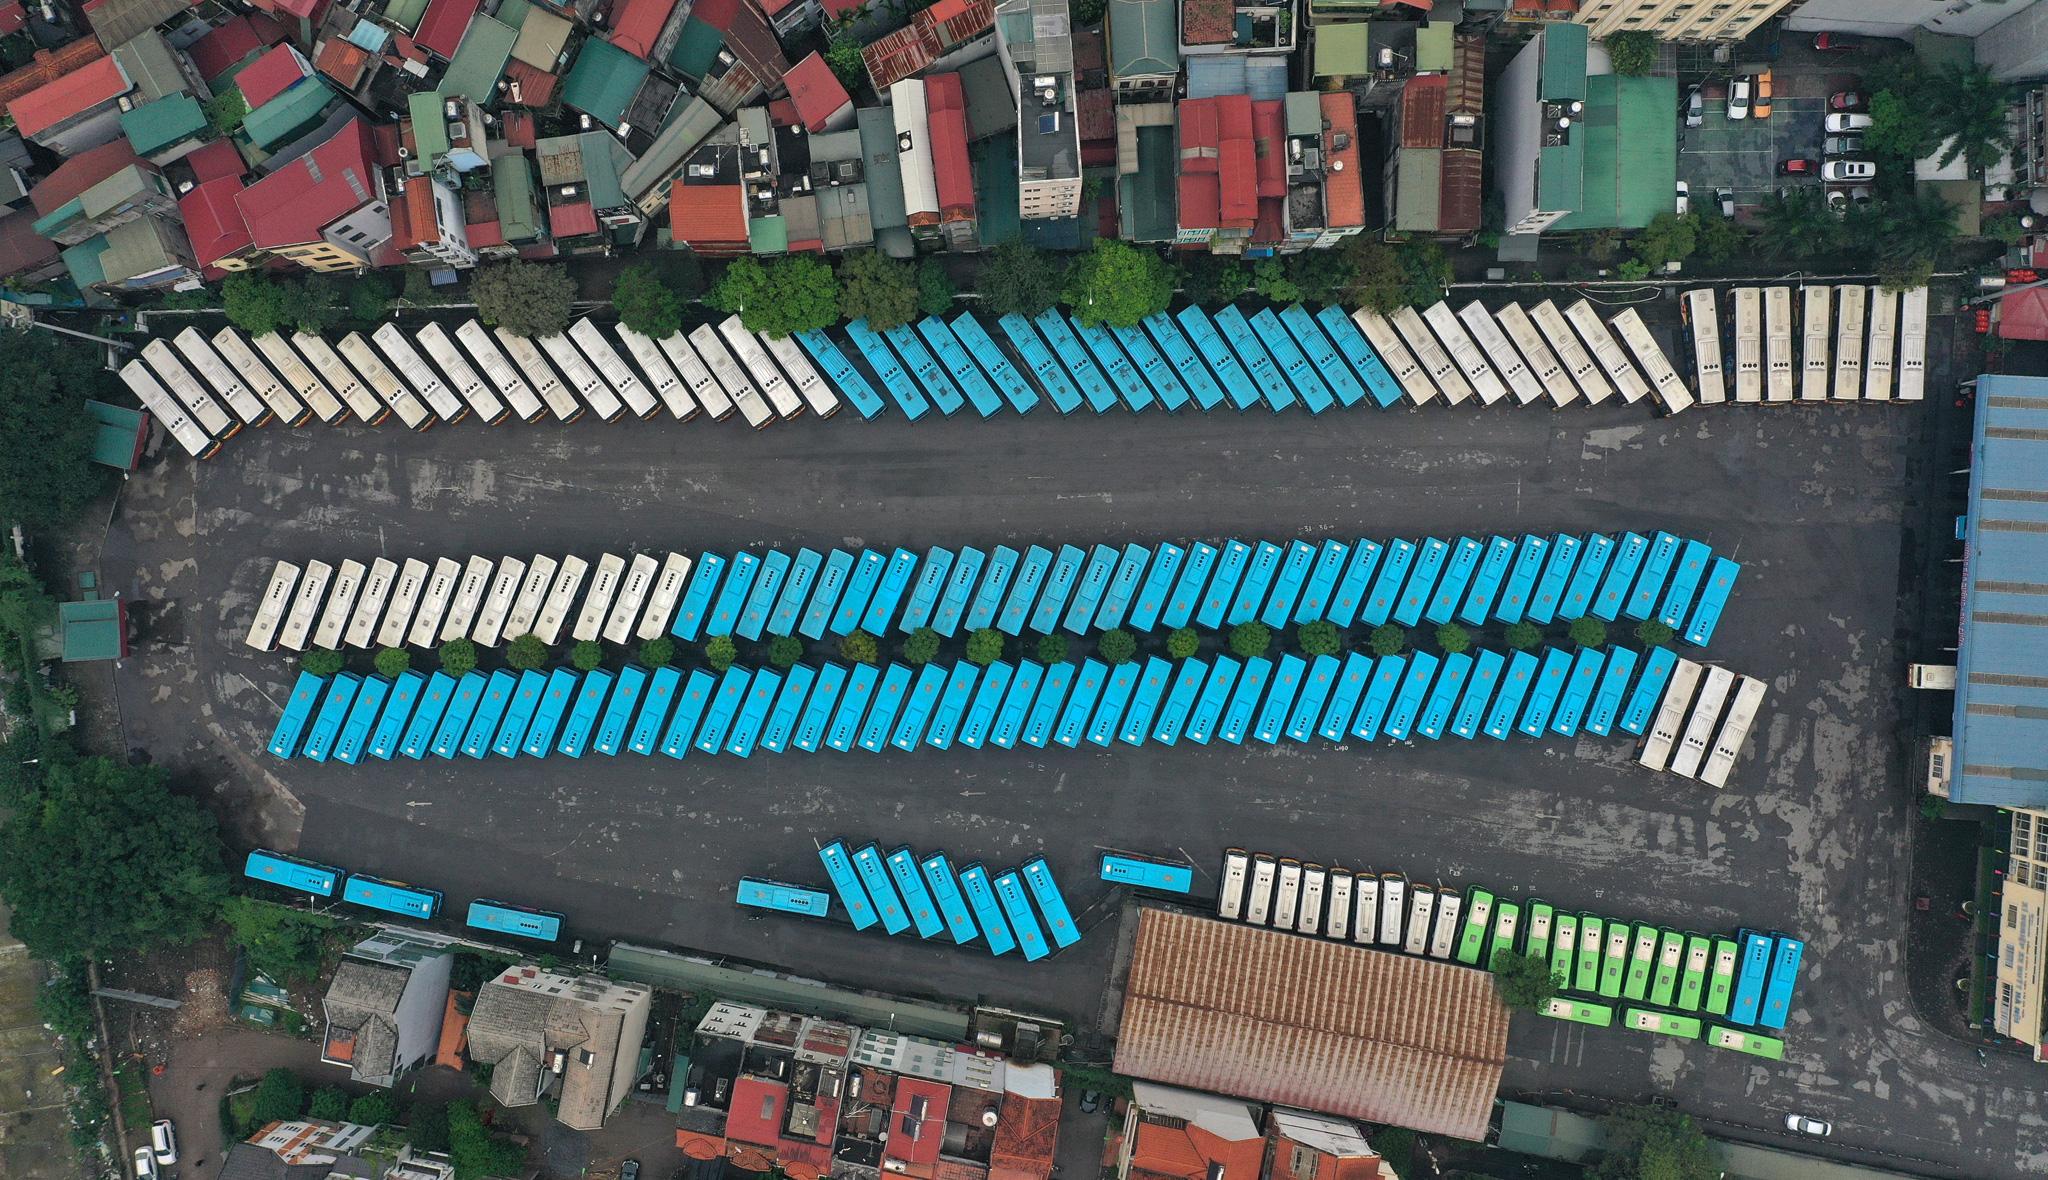 [ẢNH] Vẻ đẹp của gần 200 xe buýt tập kết về bến xếp hàng trong đêm - Ảnh 7.